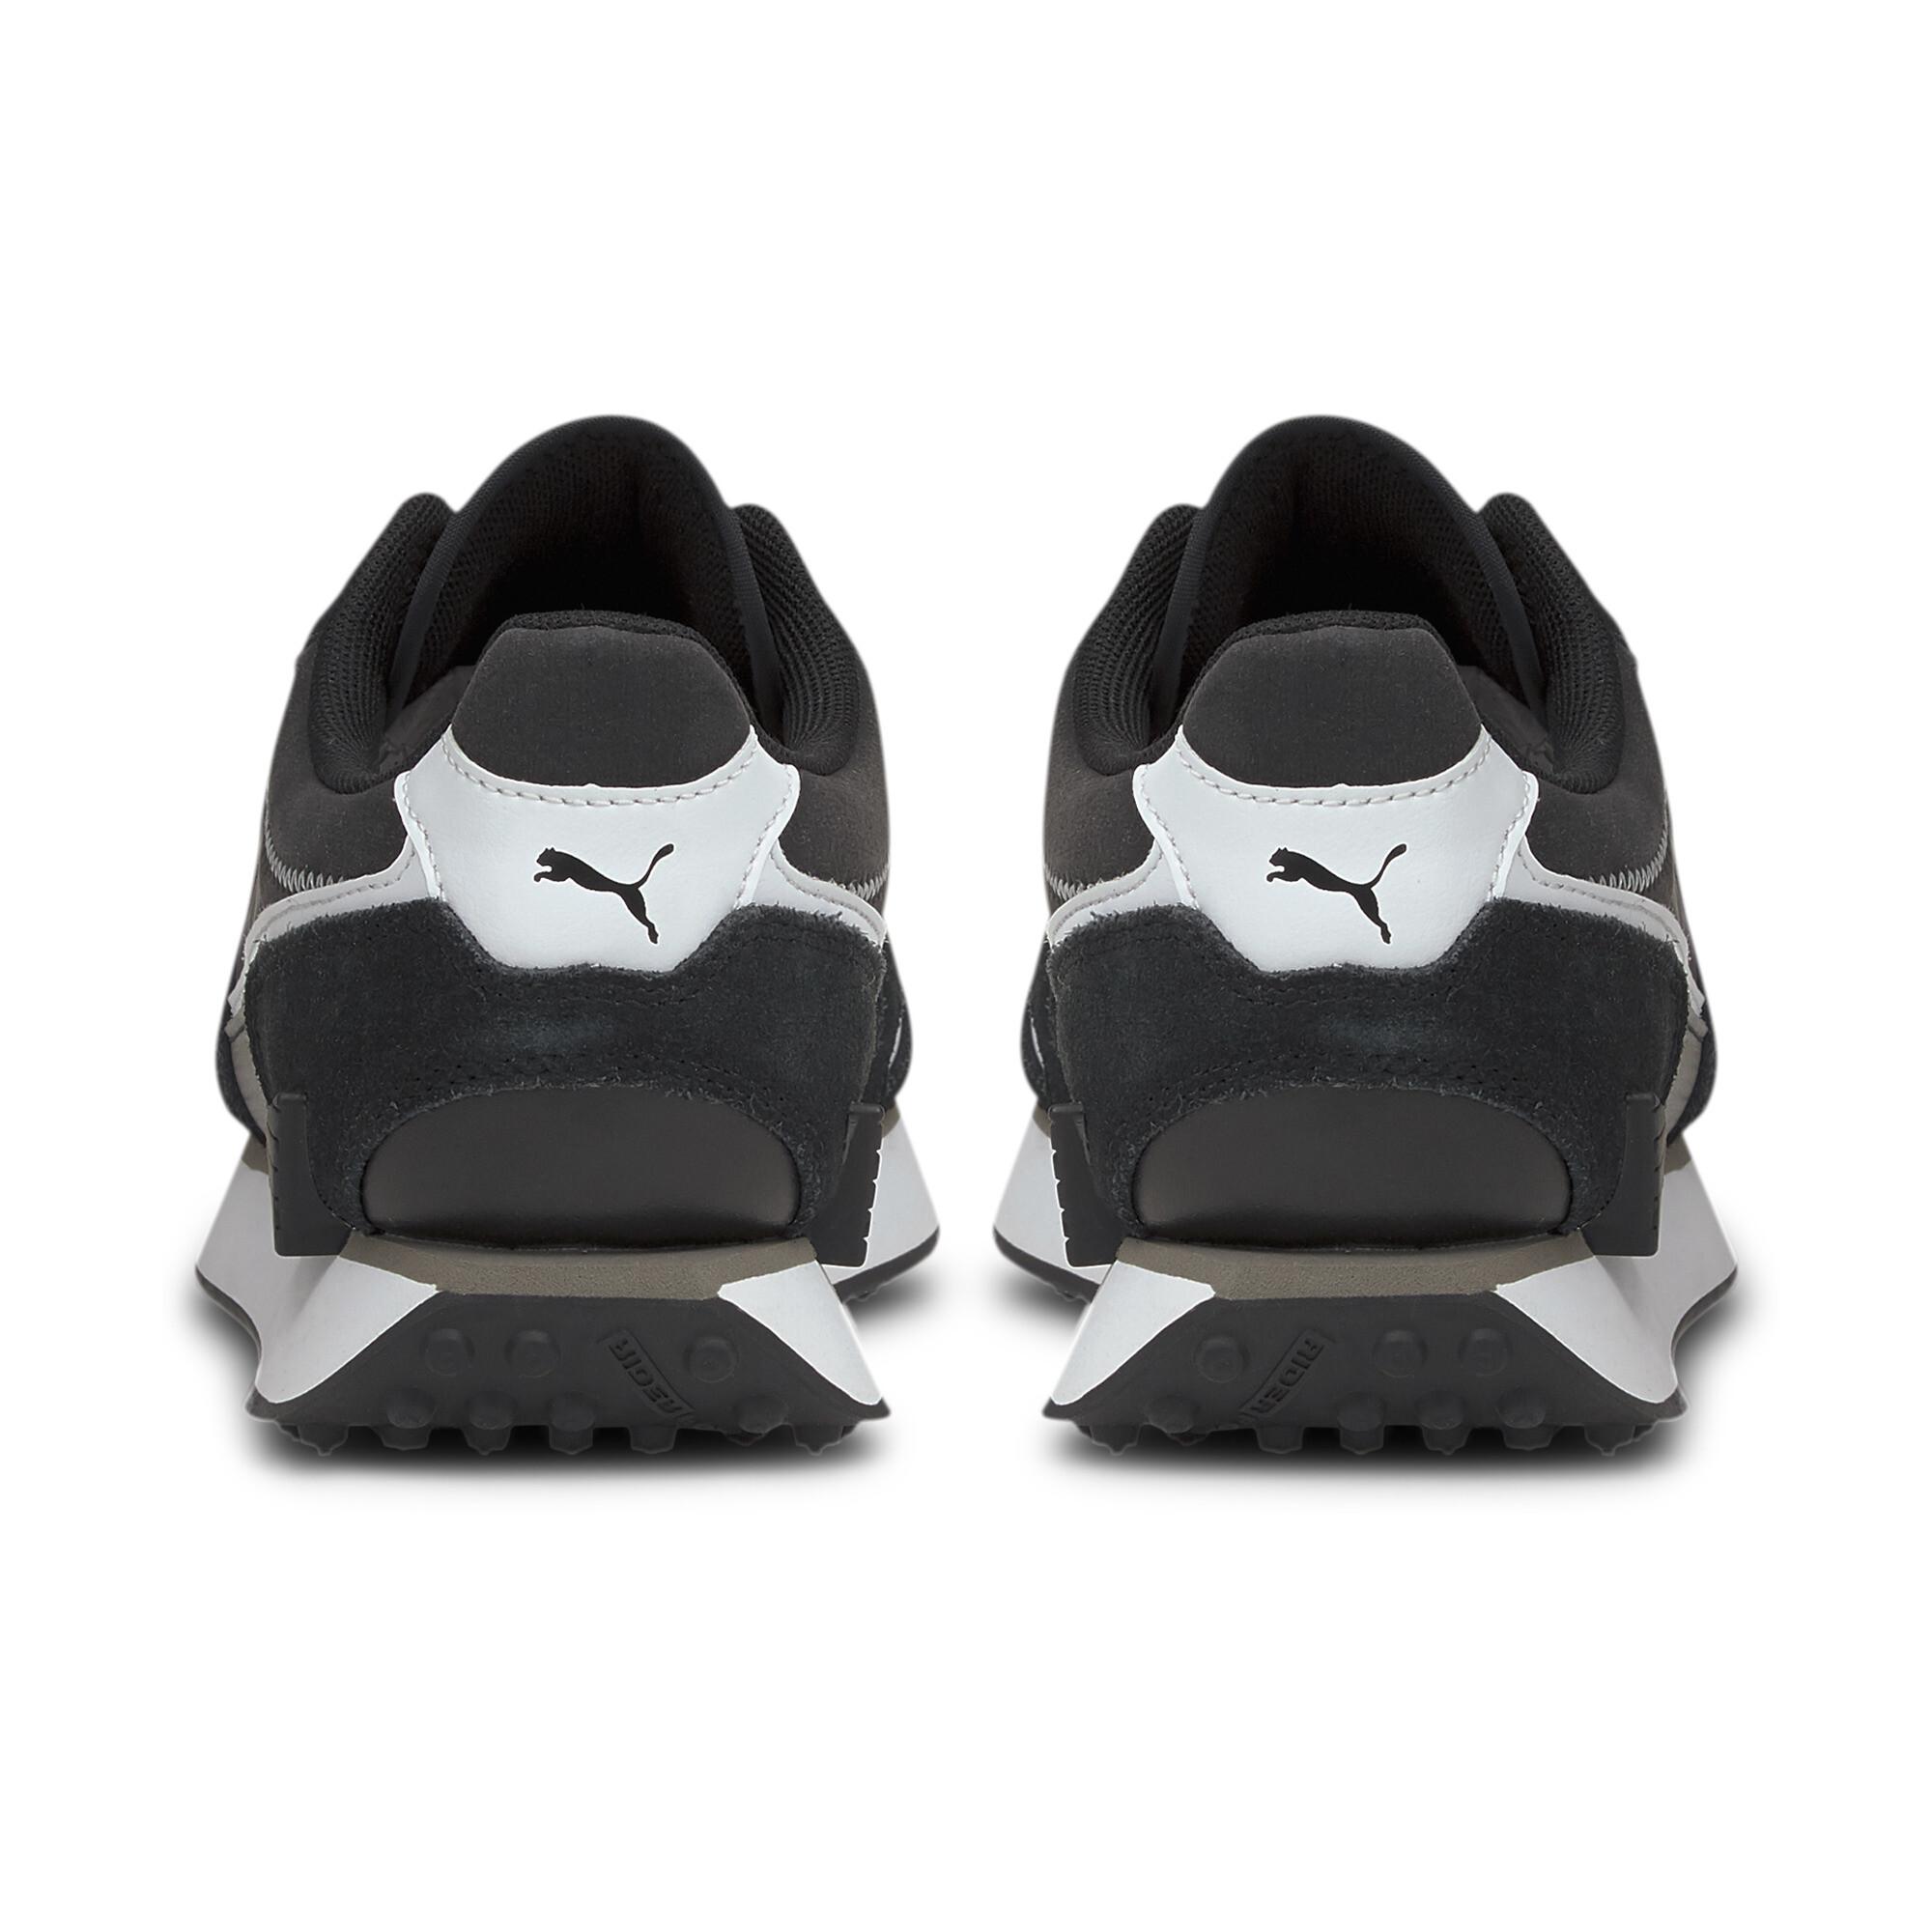 Indexbild 21 - PUMA-Mile-Rider-Chrome-Desert-Damen-Sneaker-Frauen-Schuhe-Neu